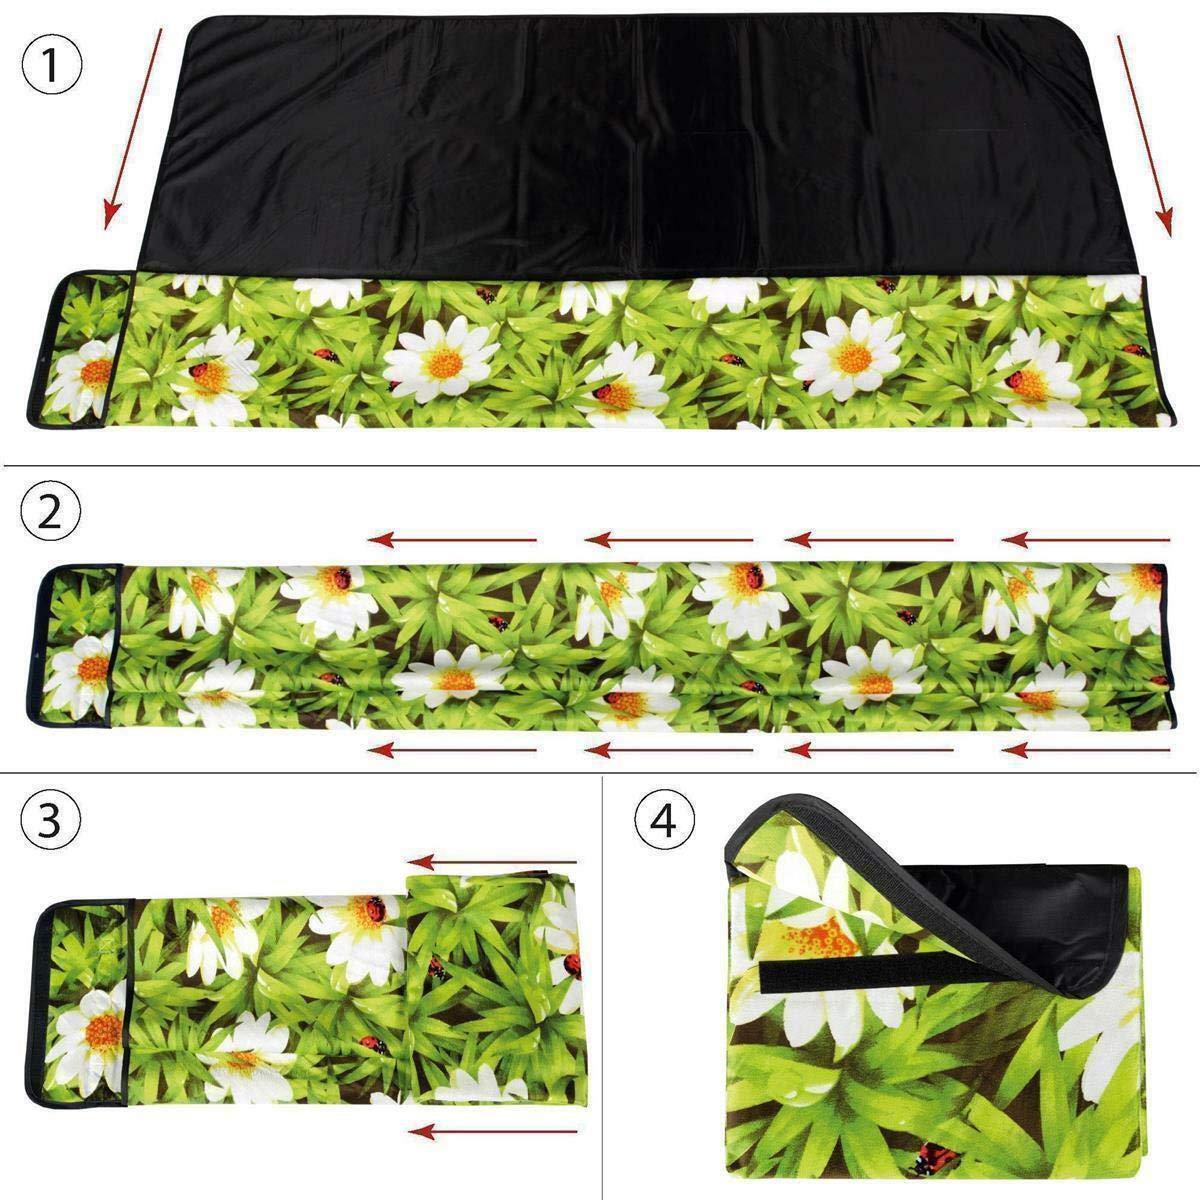 Bestlivings Picknickdecke Picknickdecke Picknickdecke mit Fotodruck, in vielen Variationen B01HQ2CYL2 Picknickdecken Bequeme Berührung 3175f8